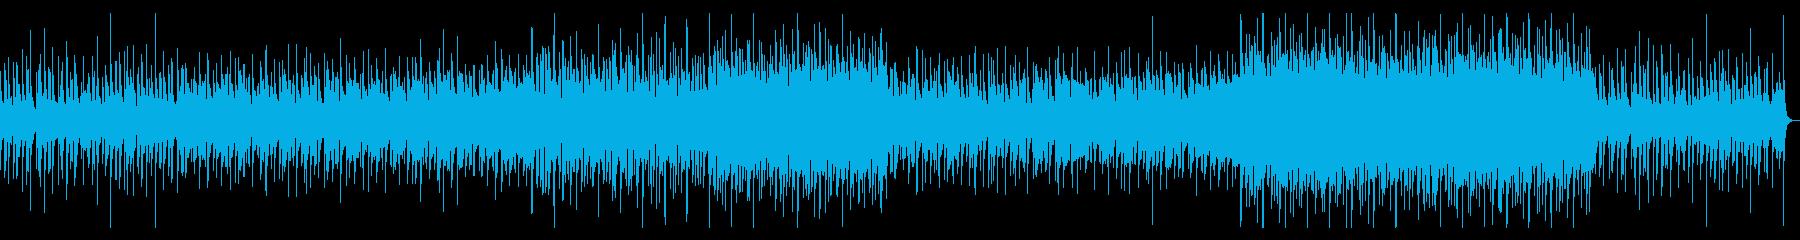 清潔感のあるピアノメイン曲の再生済みの波形